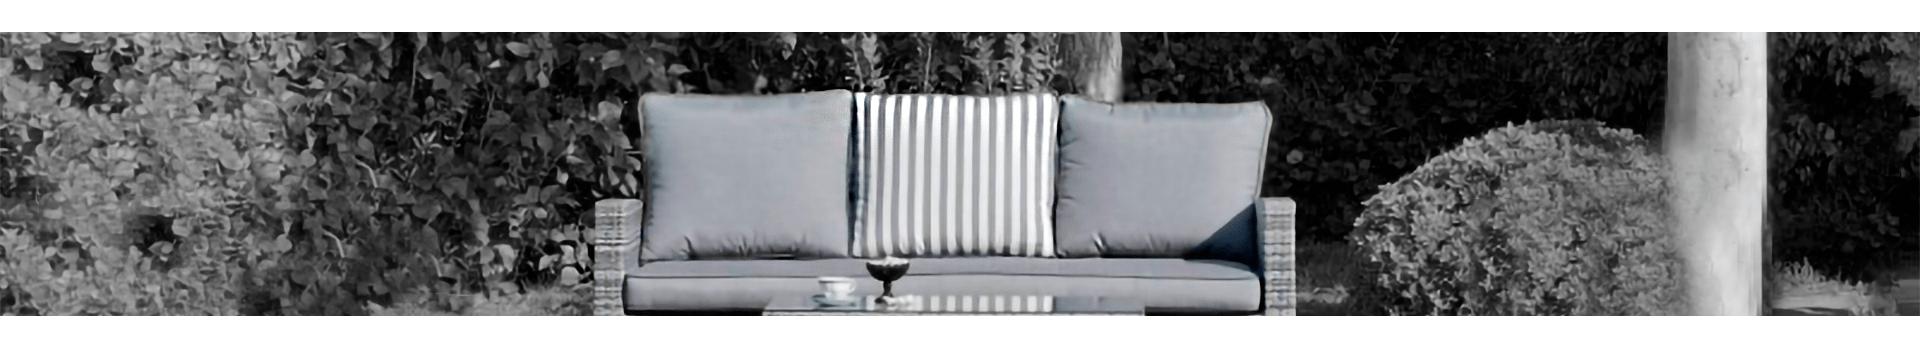 Sofás y Sillones de Jardín y Terraza | Exterior | Mobelfy ®